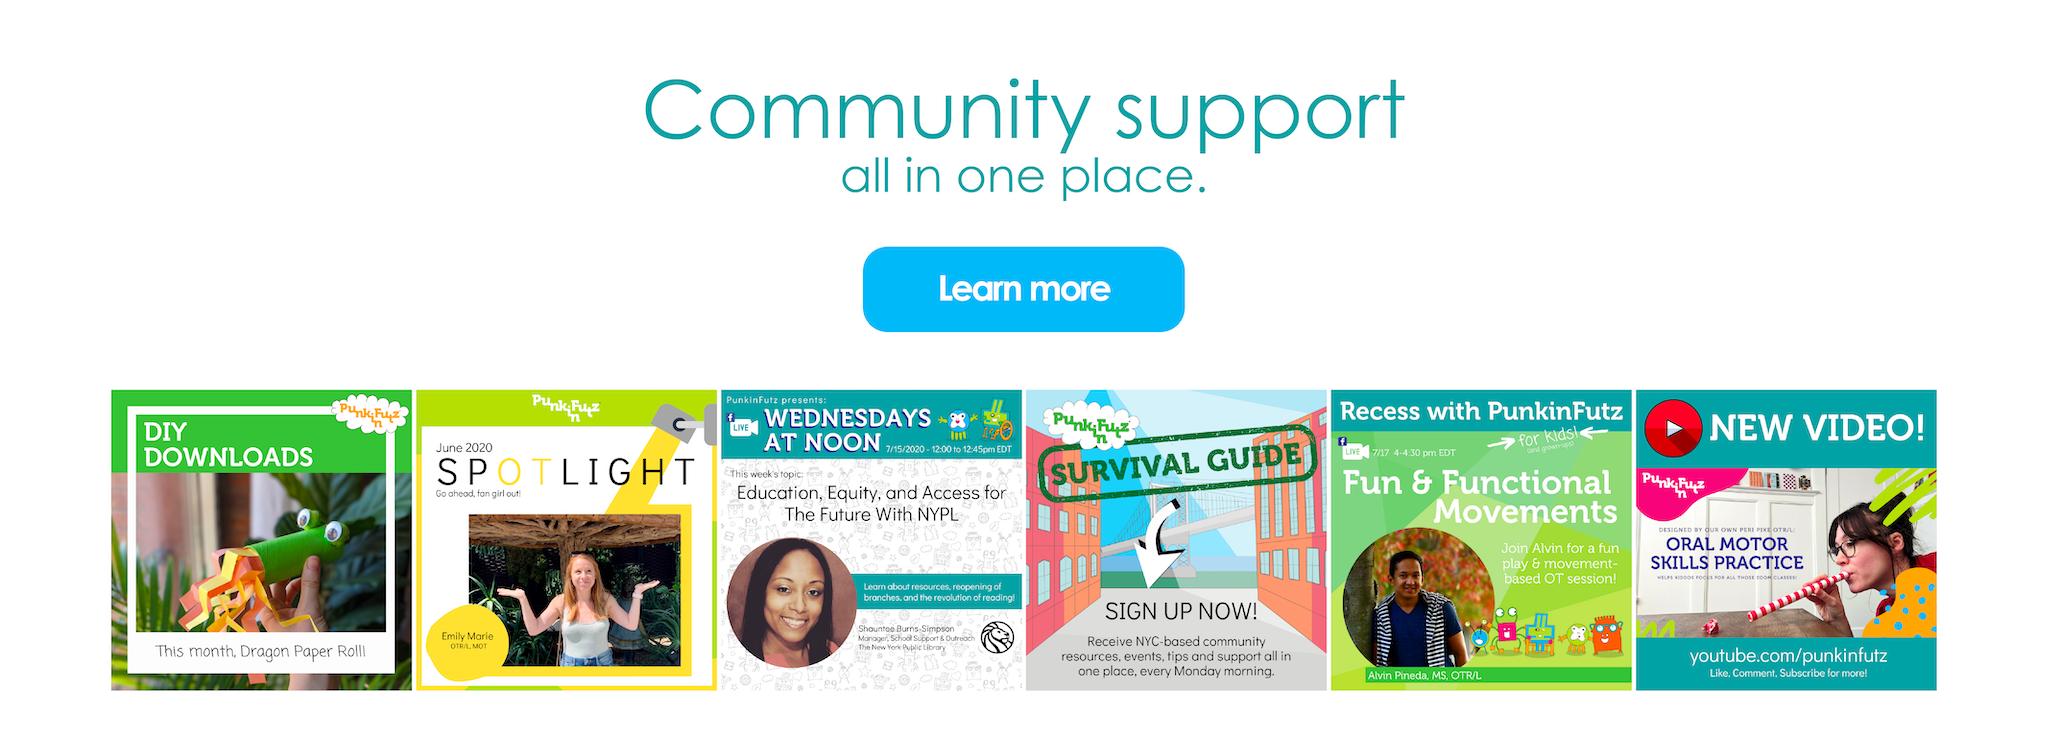 PunkinFutz Community Support